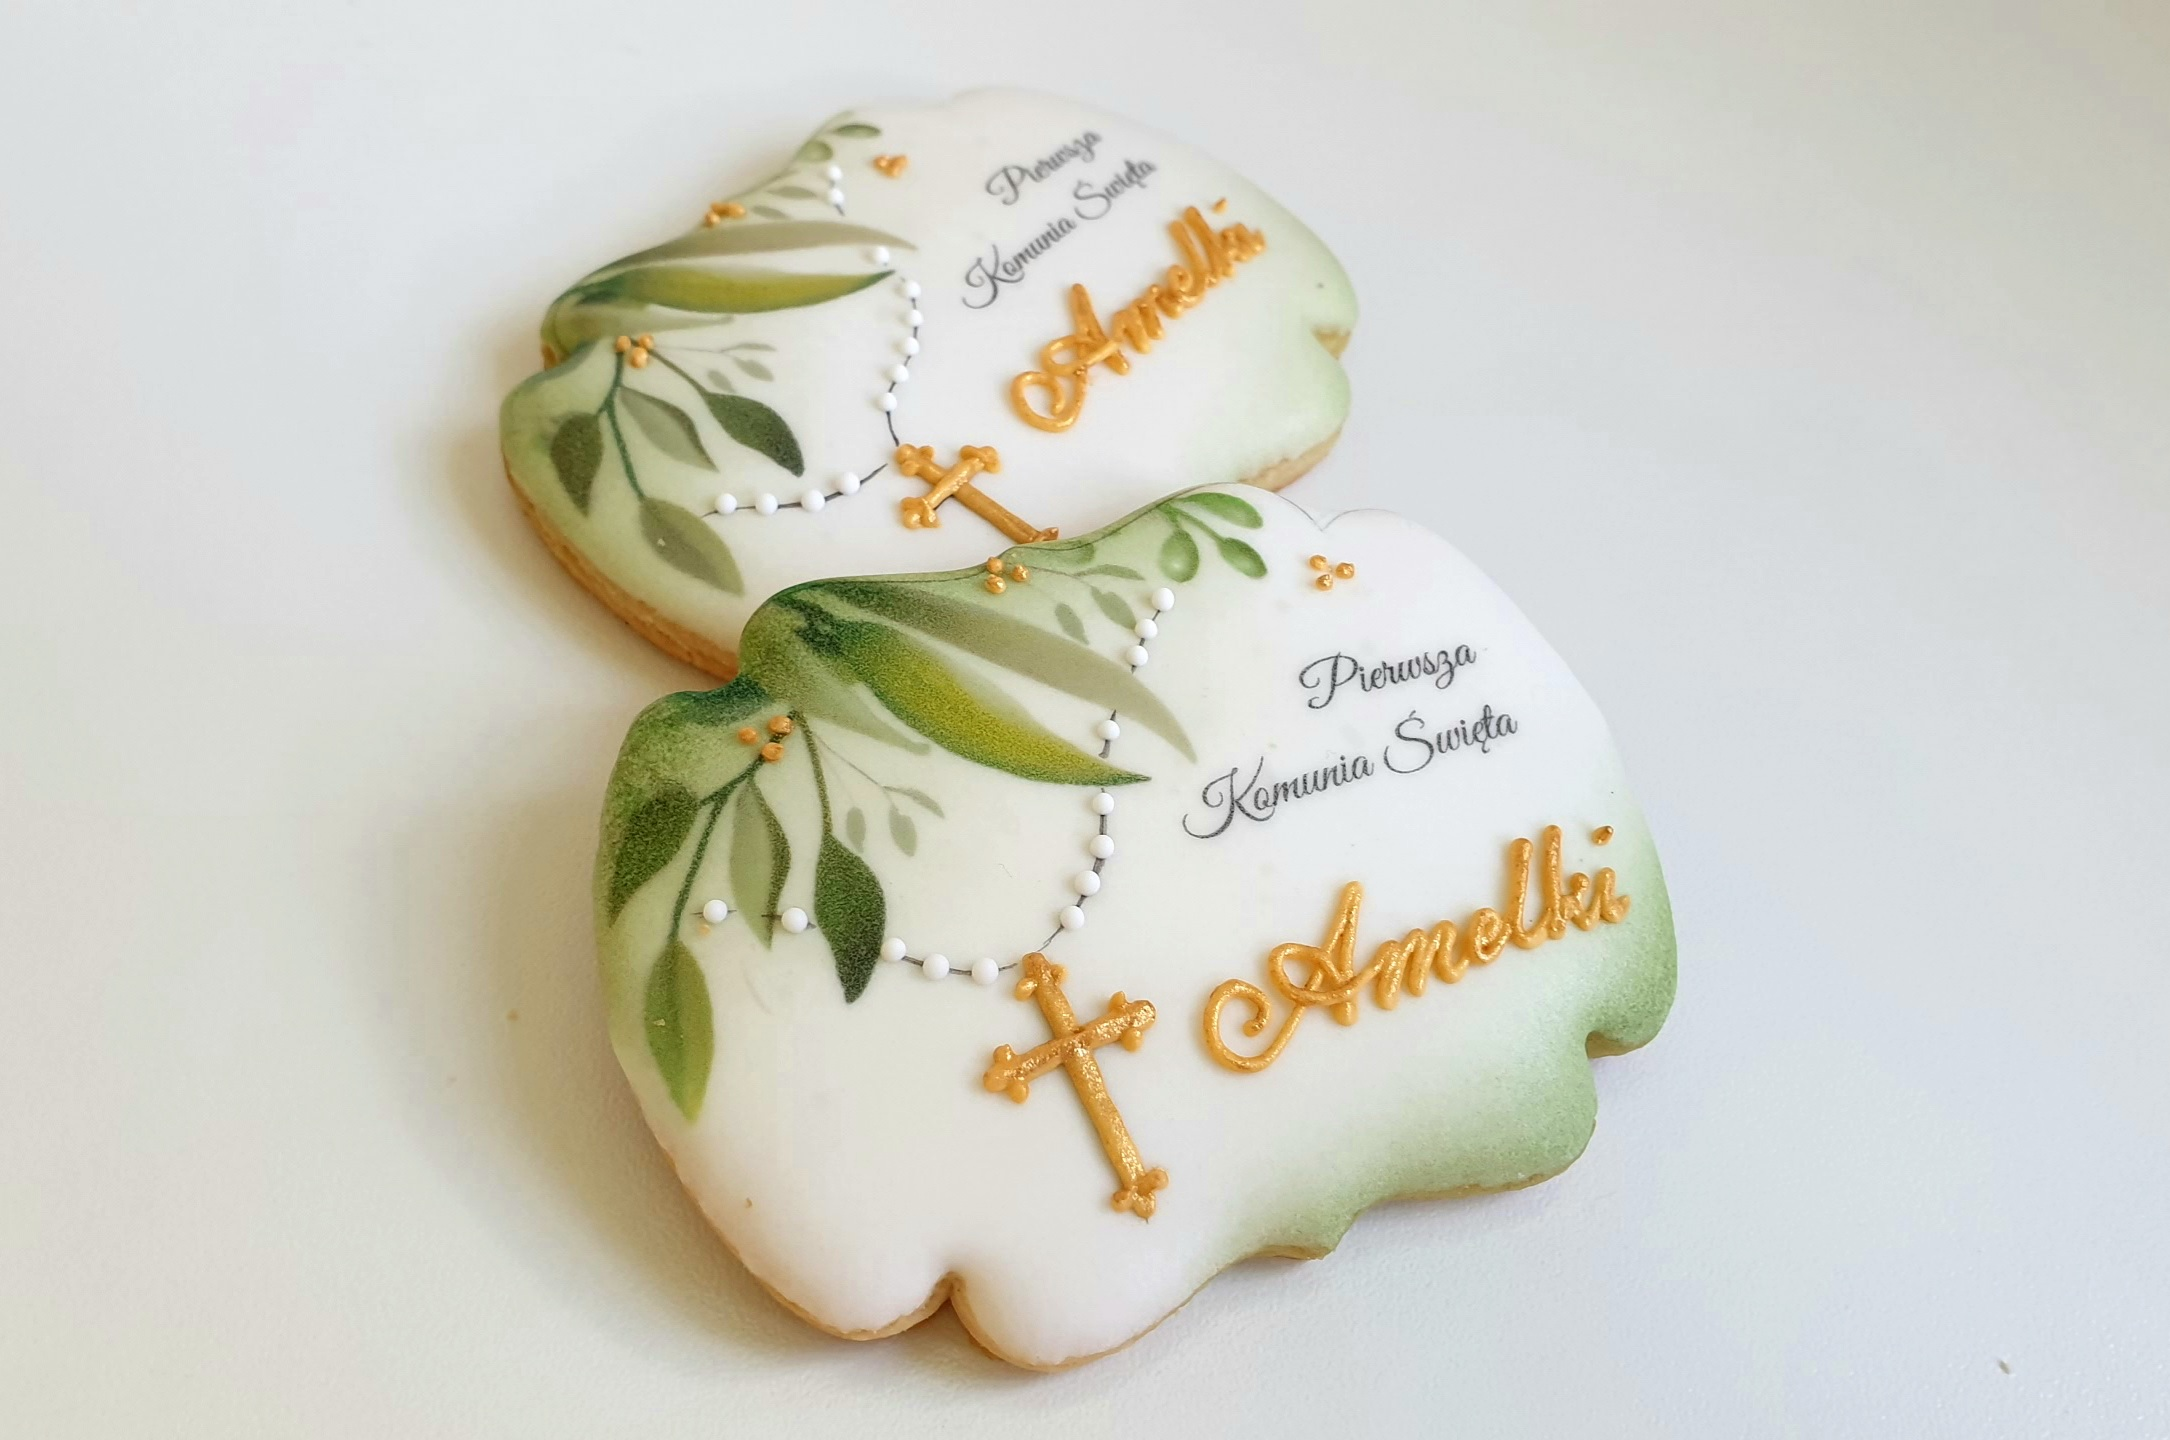 Podziękowania dla gości lukrowane ciasteczka, Pierniczki komunijne, podziękowania dla gości, podziękowania komunia, pierniki na komunię, ciasteczka komunijne, ciastka komunijne, podziękowania dla gości komunia, lukrowane ciasteczka - Basia sweets